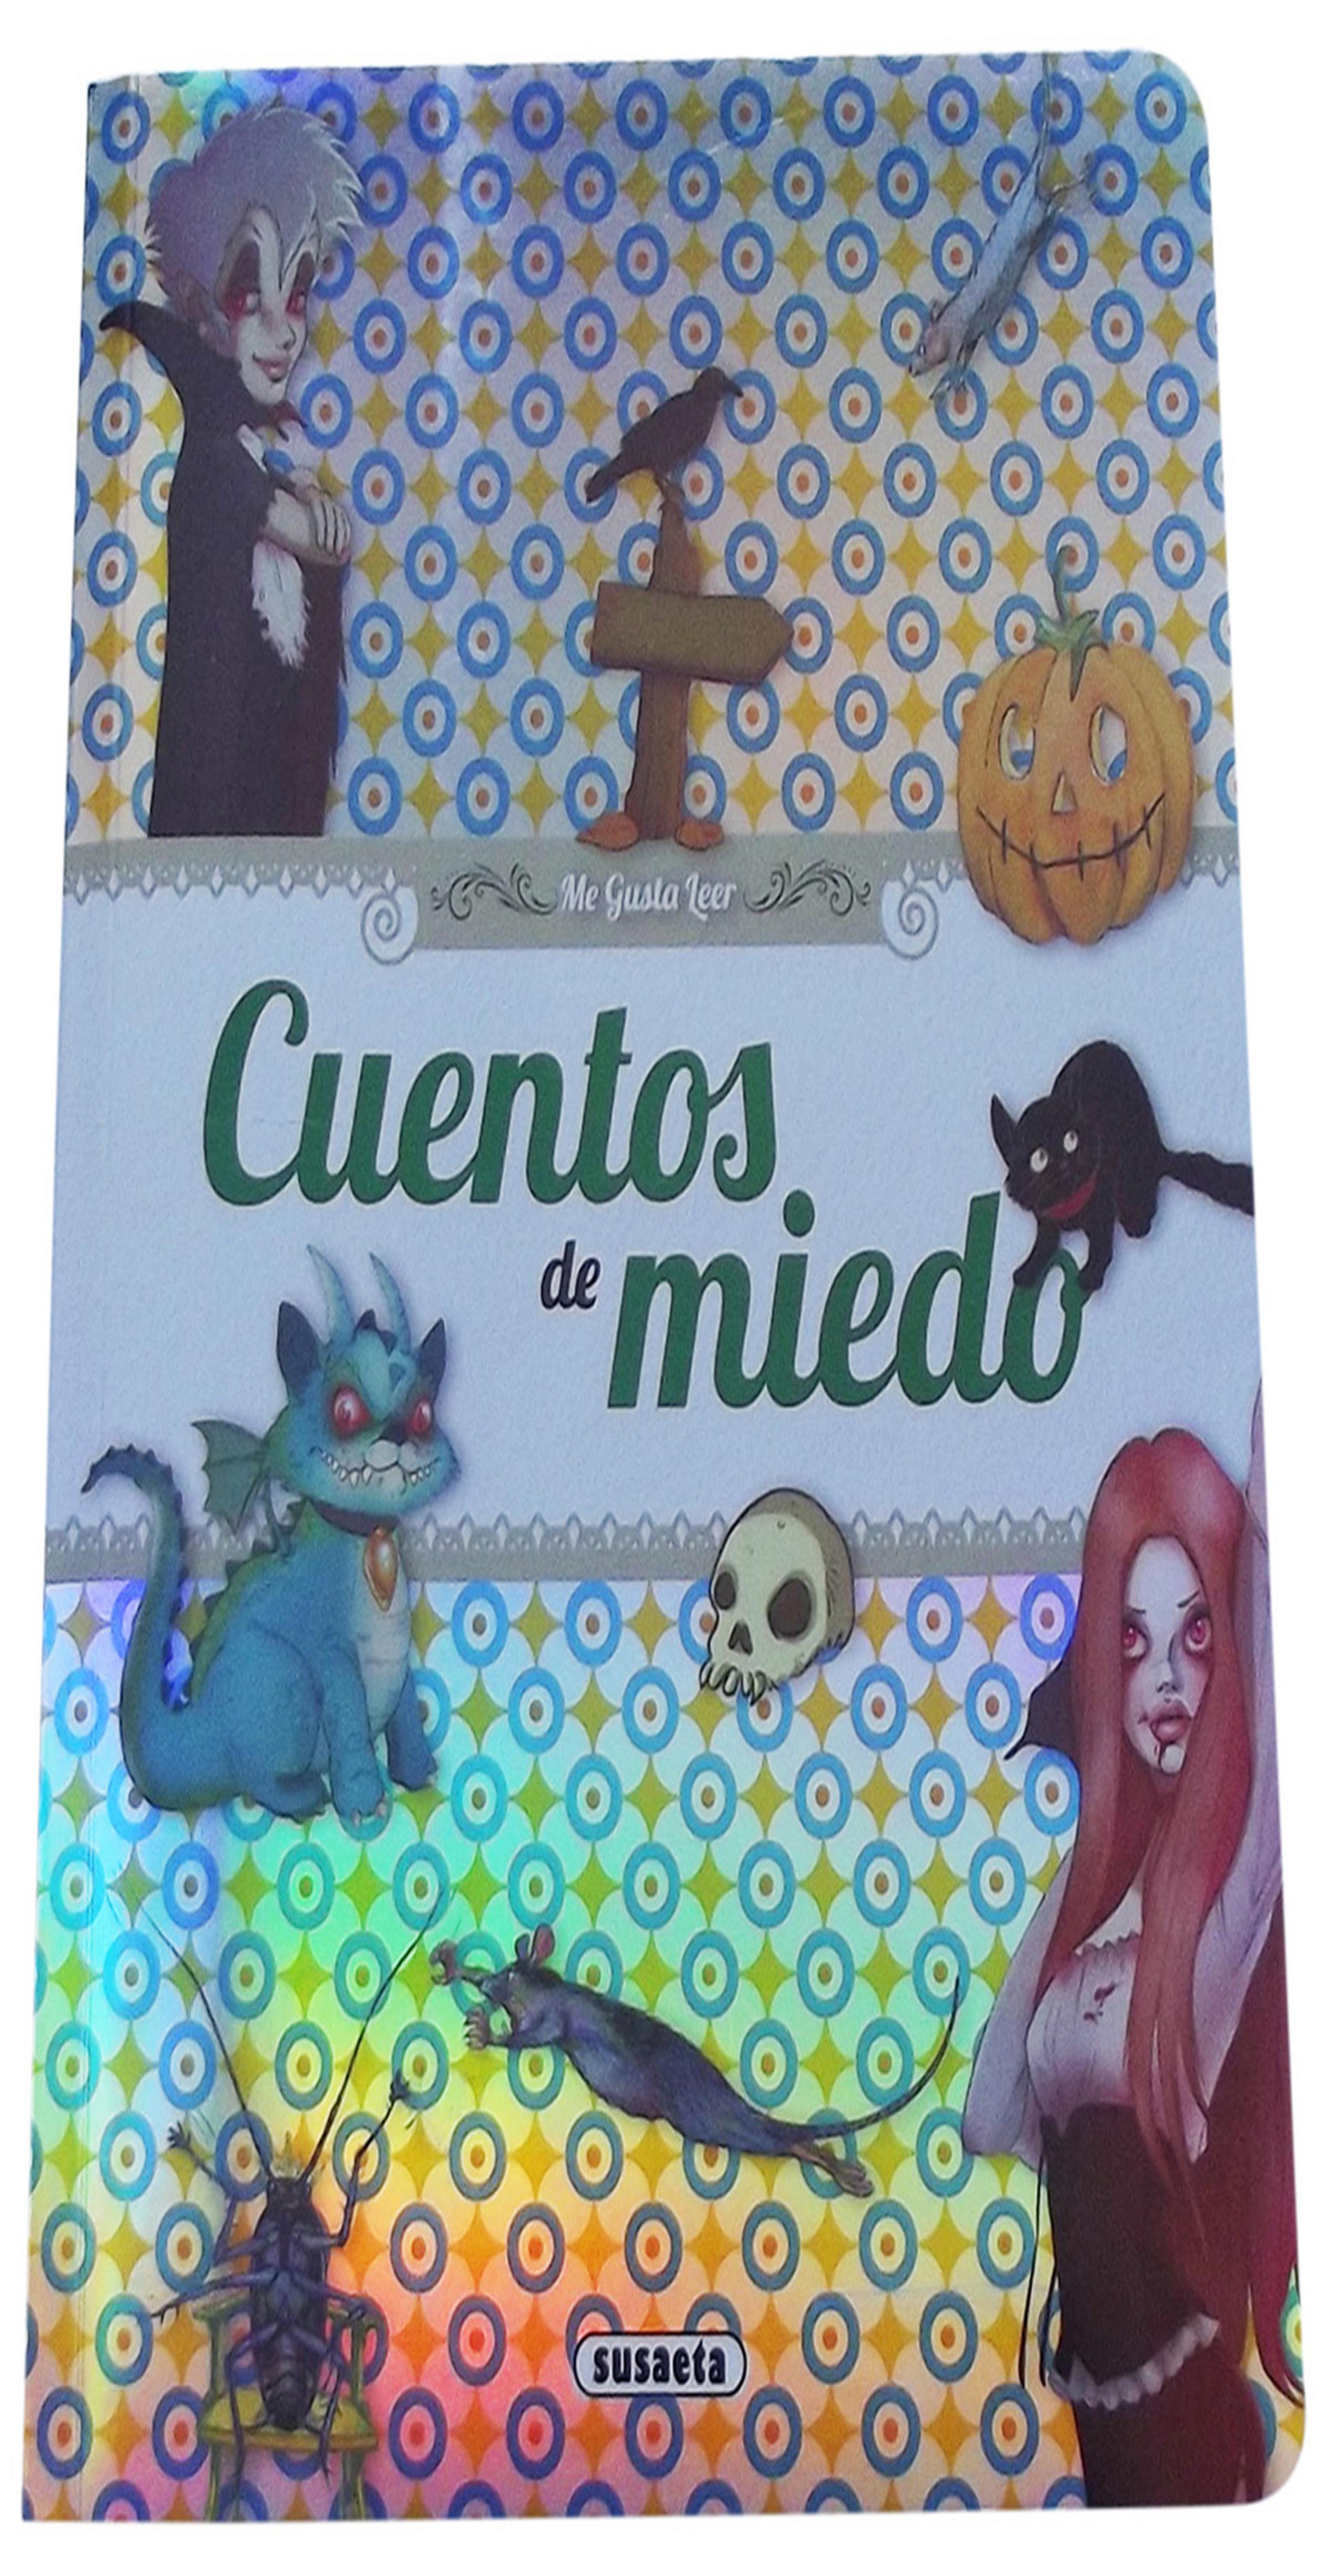 CUENTOS DE MIEDO